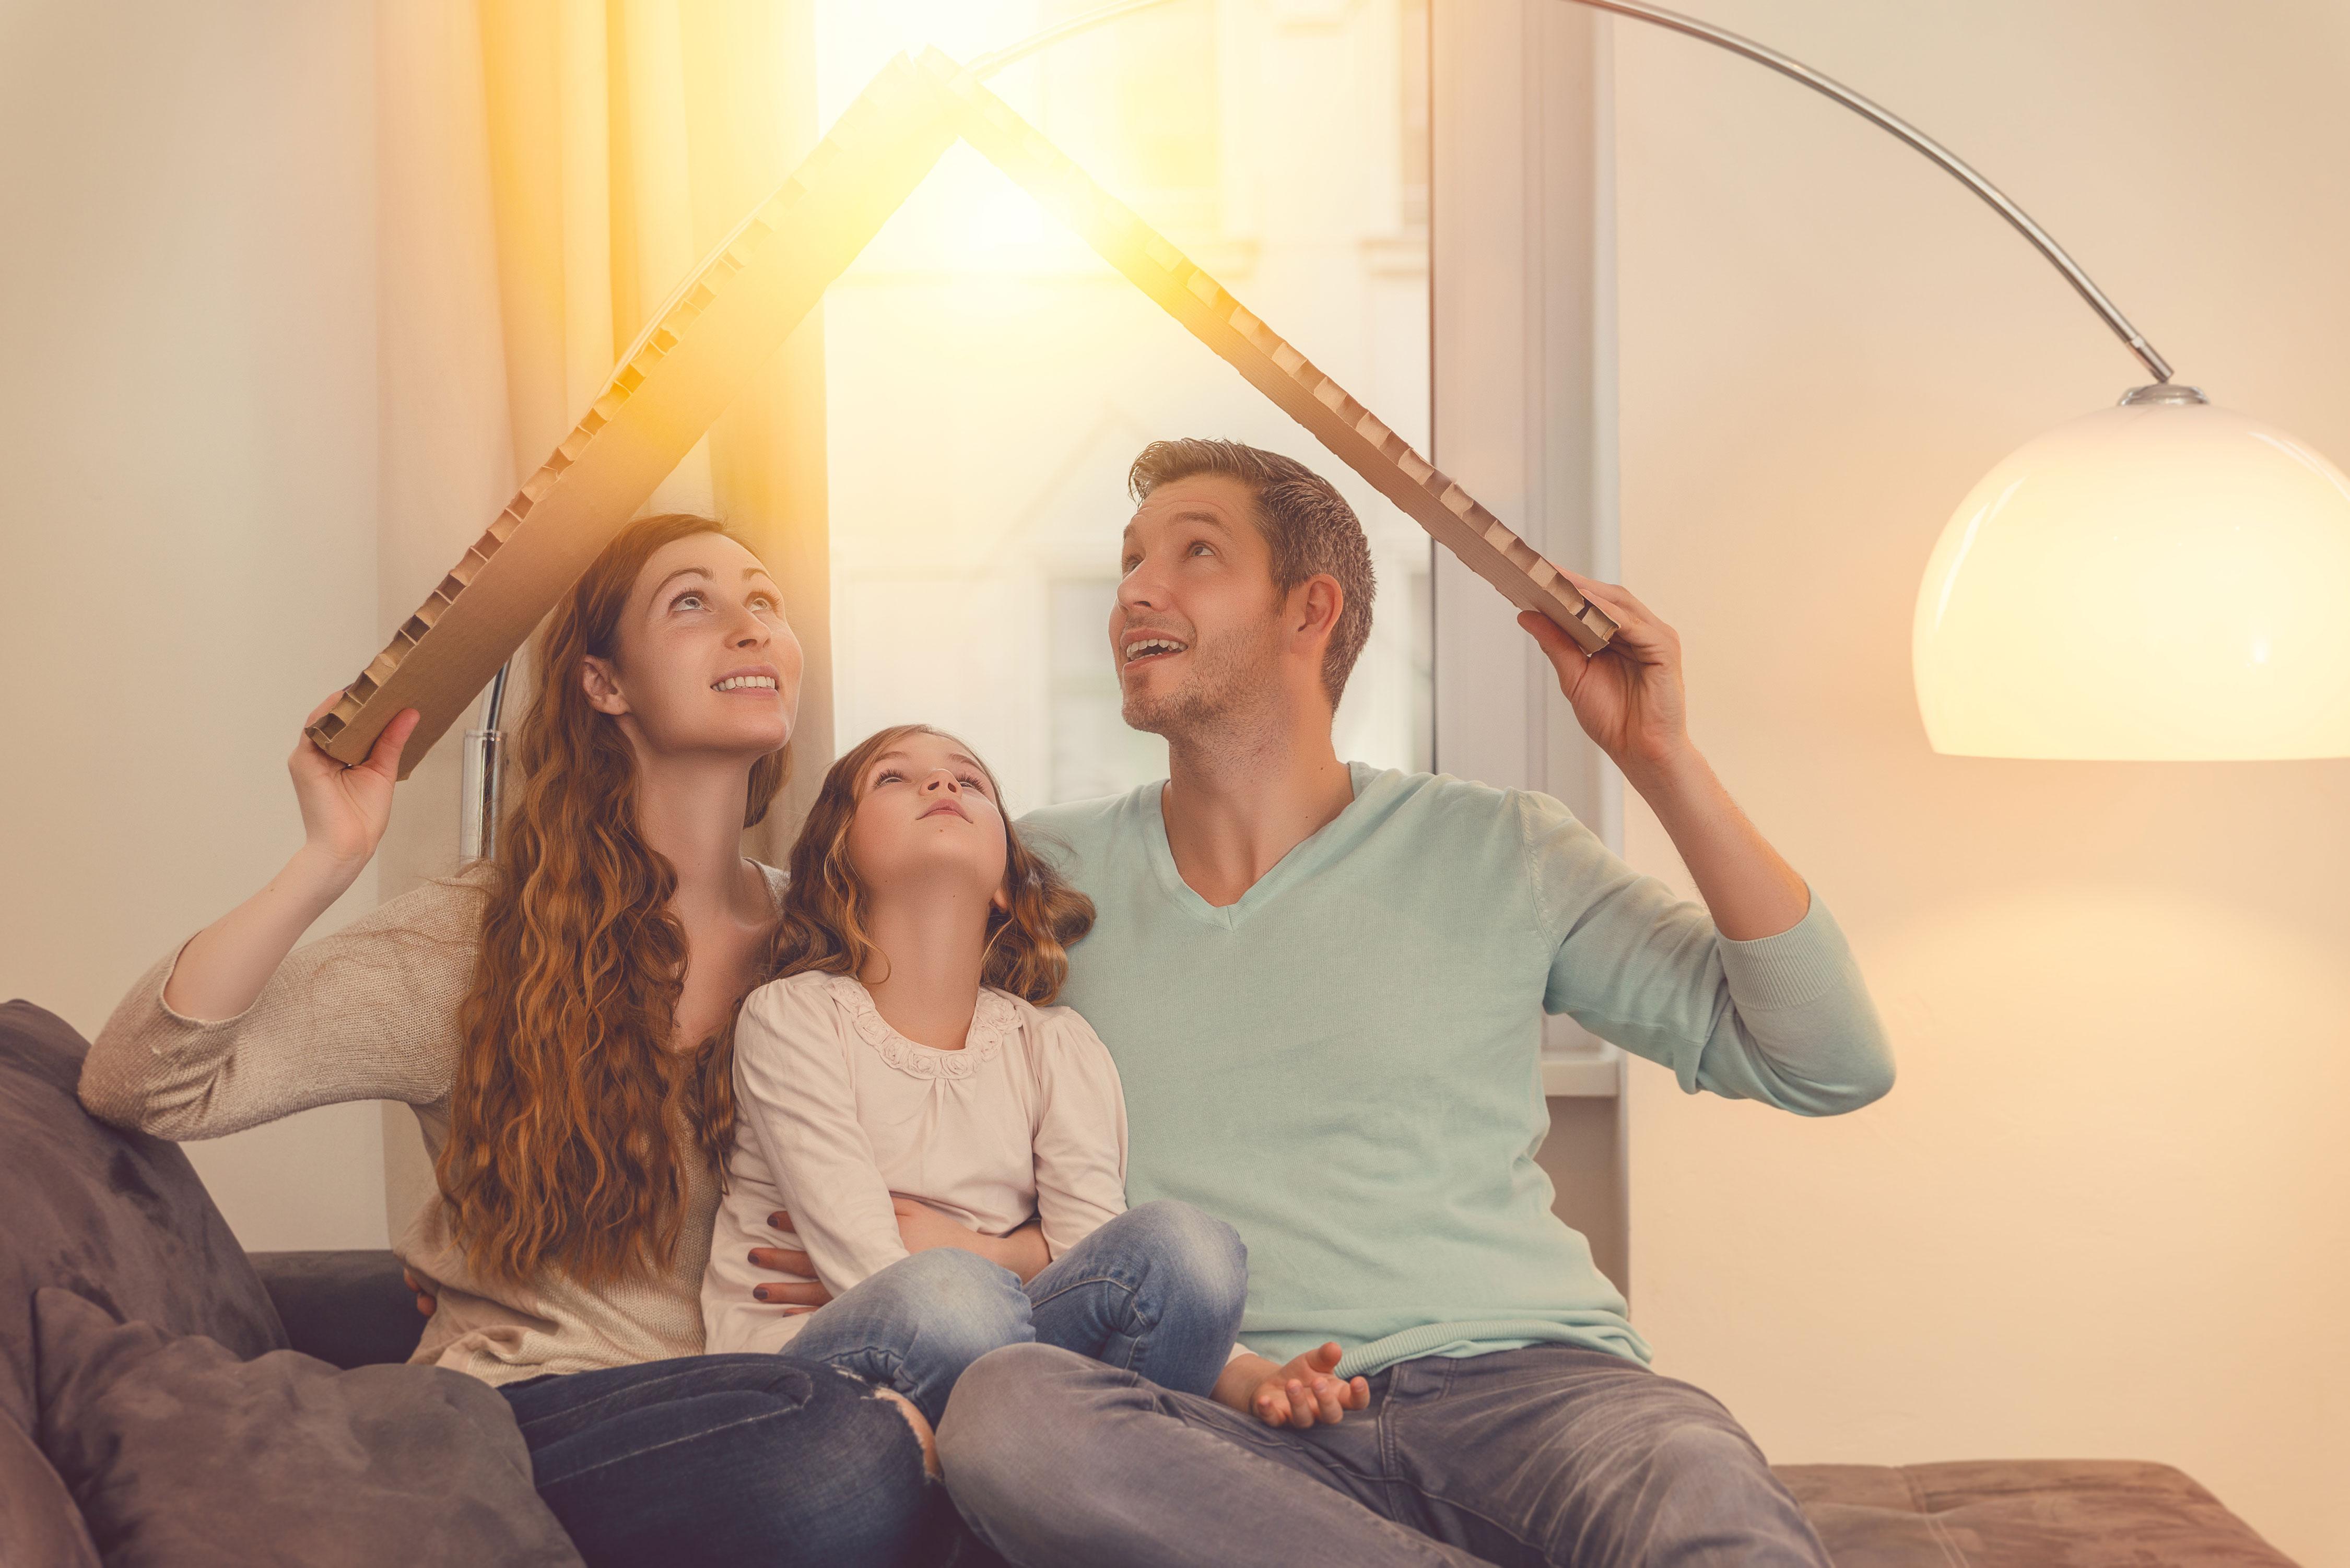 Junge Familie hält Pappkarton wie ein Dach schützend über sich